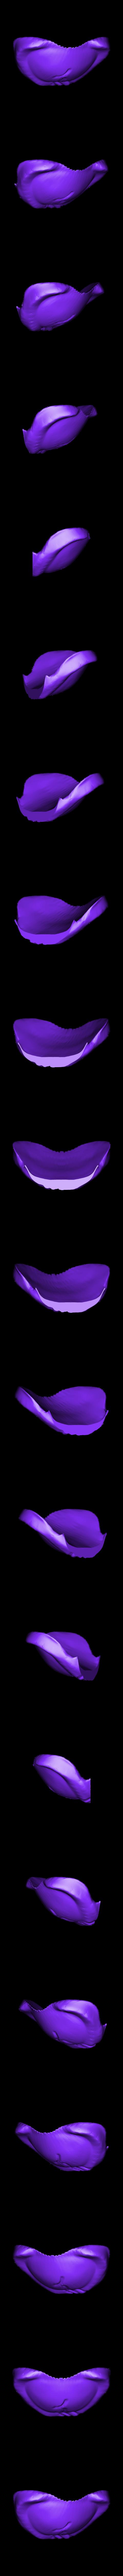 pred_top_side.stl Télécharger fichier STL gratuit Masque Predator avec dégâts de combat • Objet imprimable en 3D, Geoffro